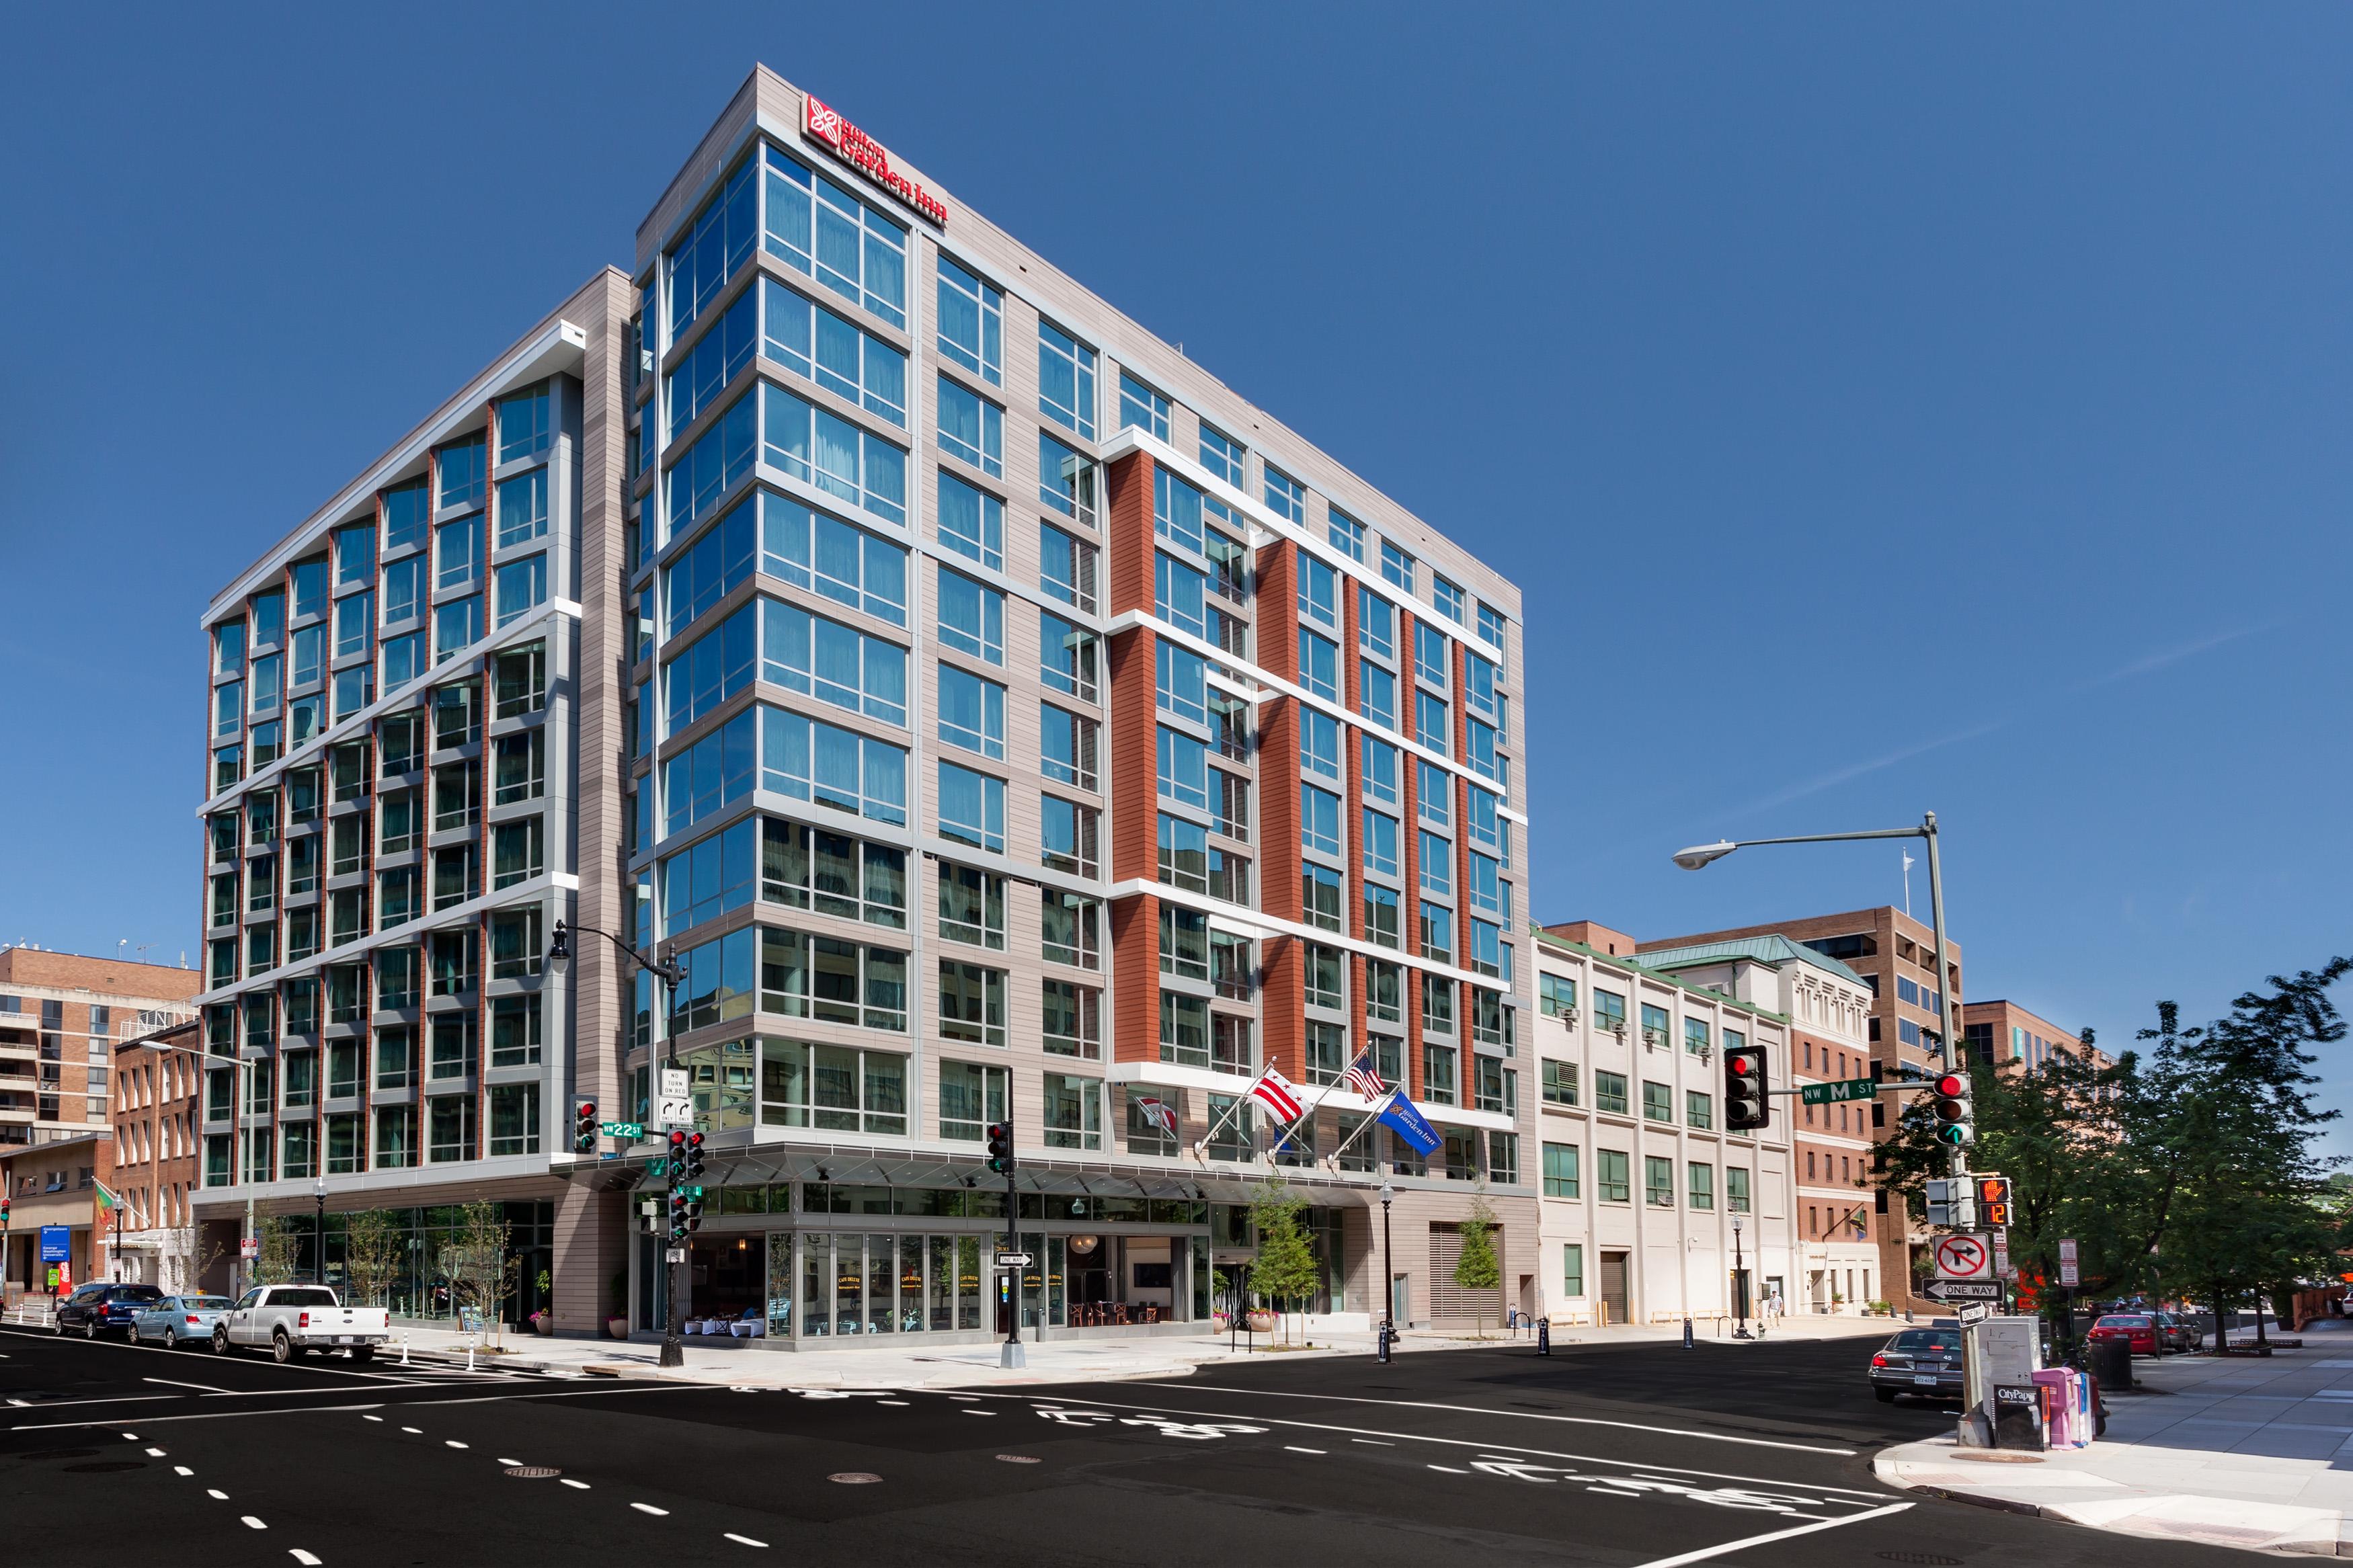 Hilton Garden Inn Washington Dc Georgetown Area At 2201 M Street Nw Washington Dc On Fave